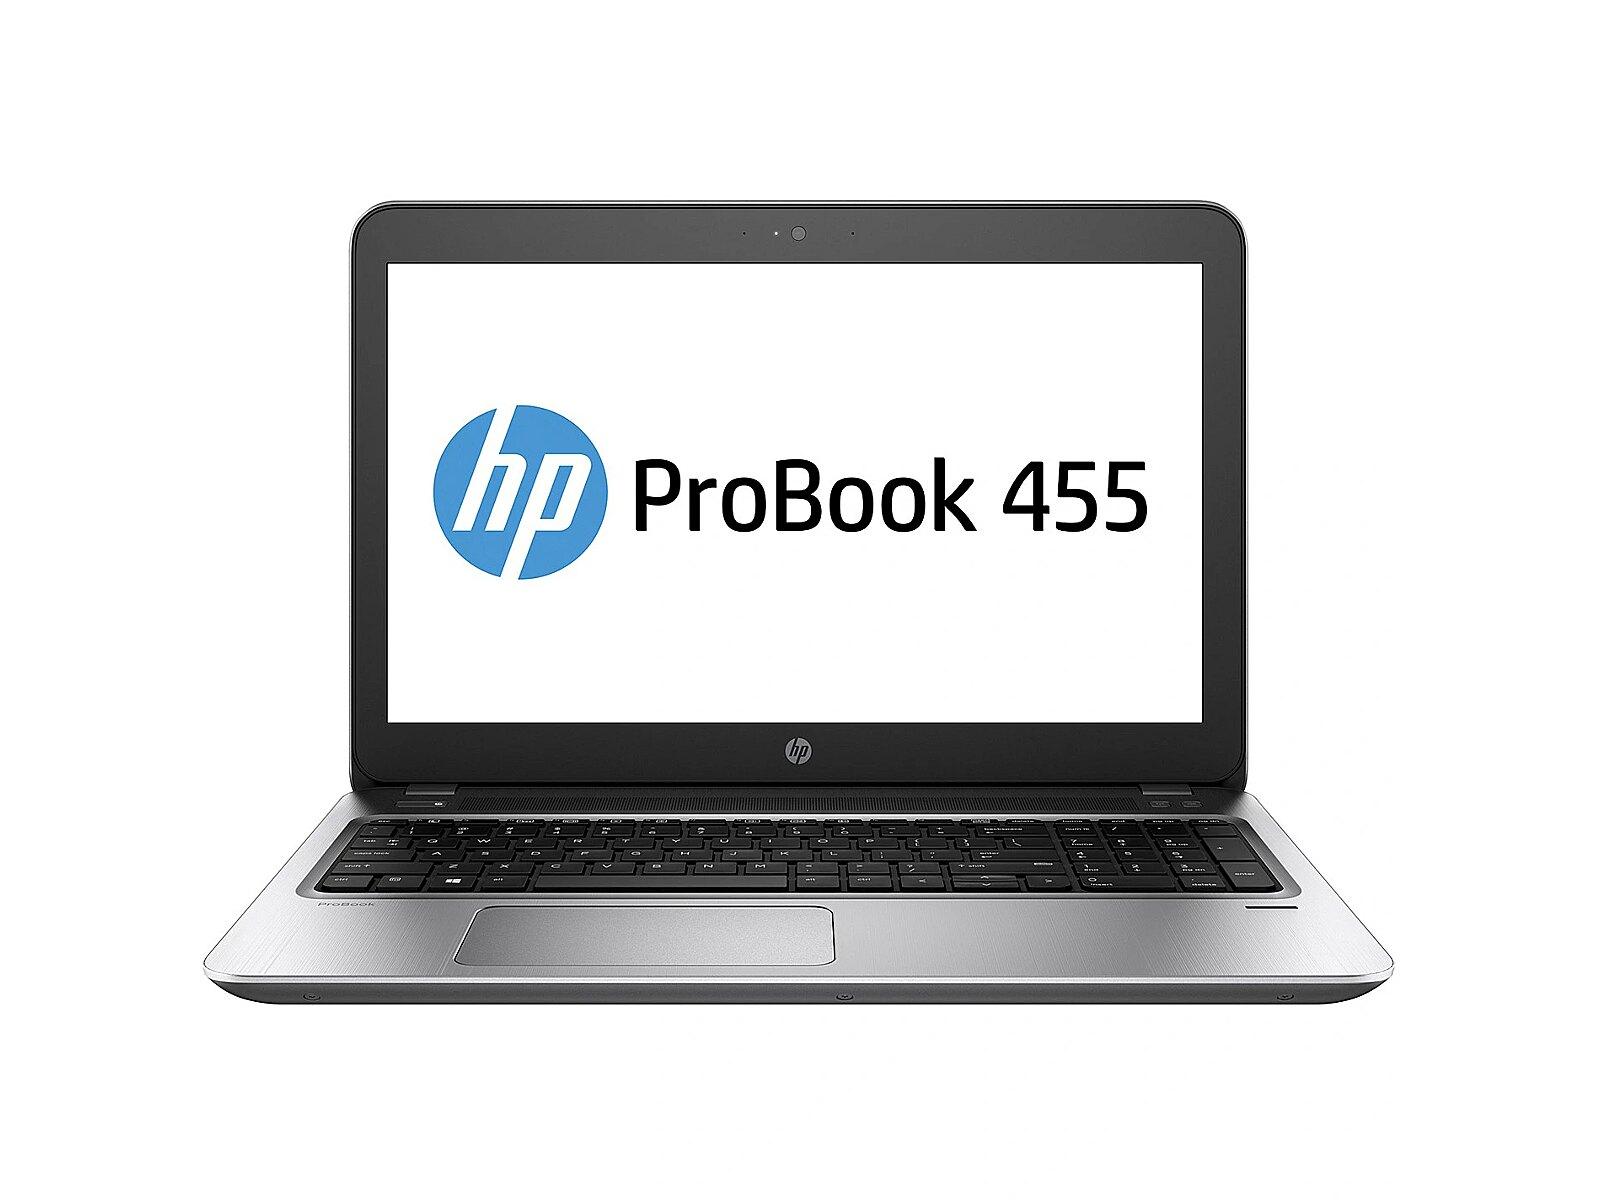 Hewlett Packard ProBook 455 G4, 15.6